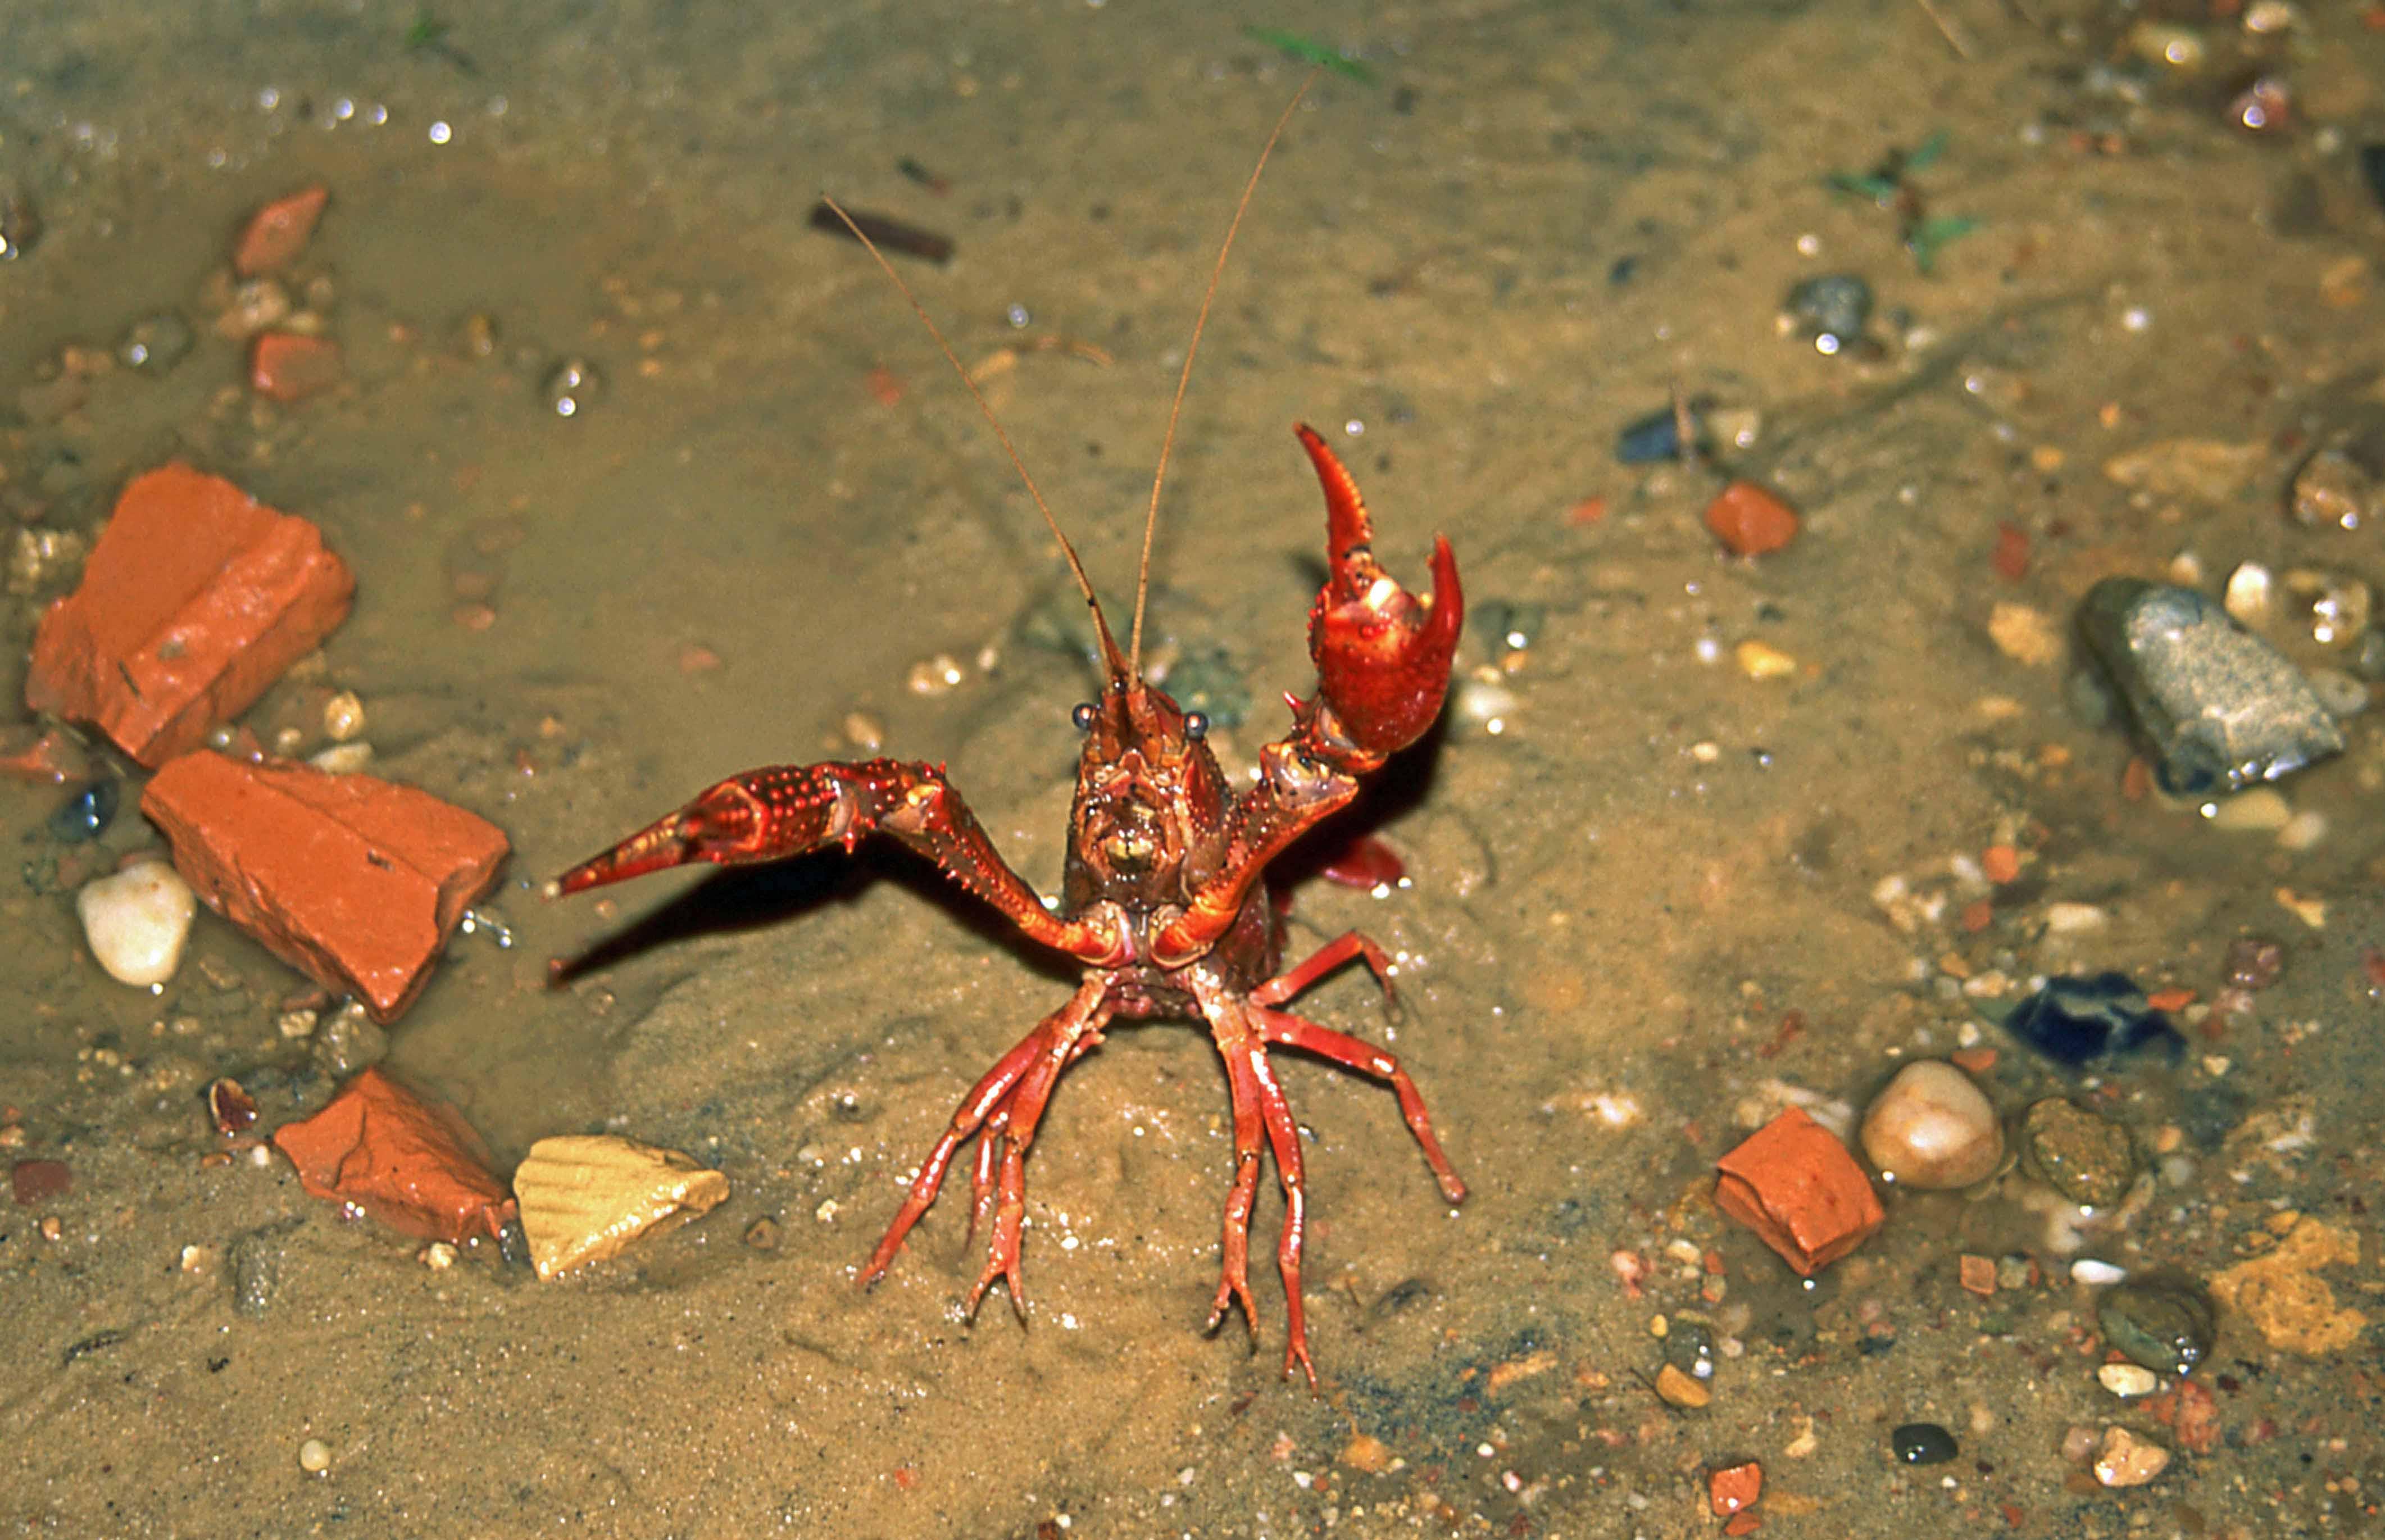 Amerikaanse rivierkreeft - foto: Bert van Dijk